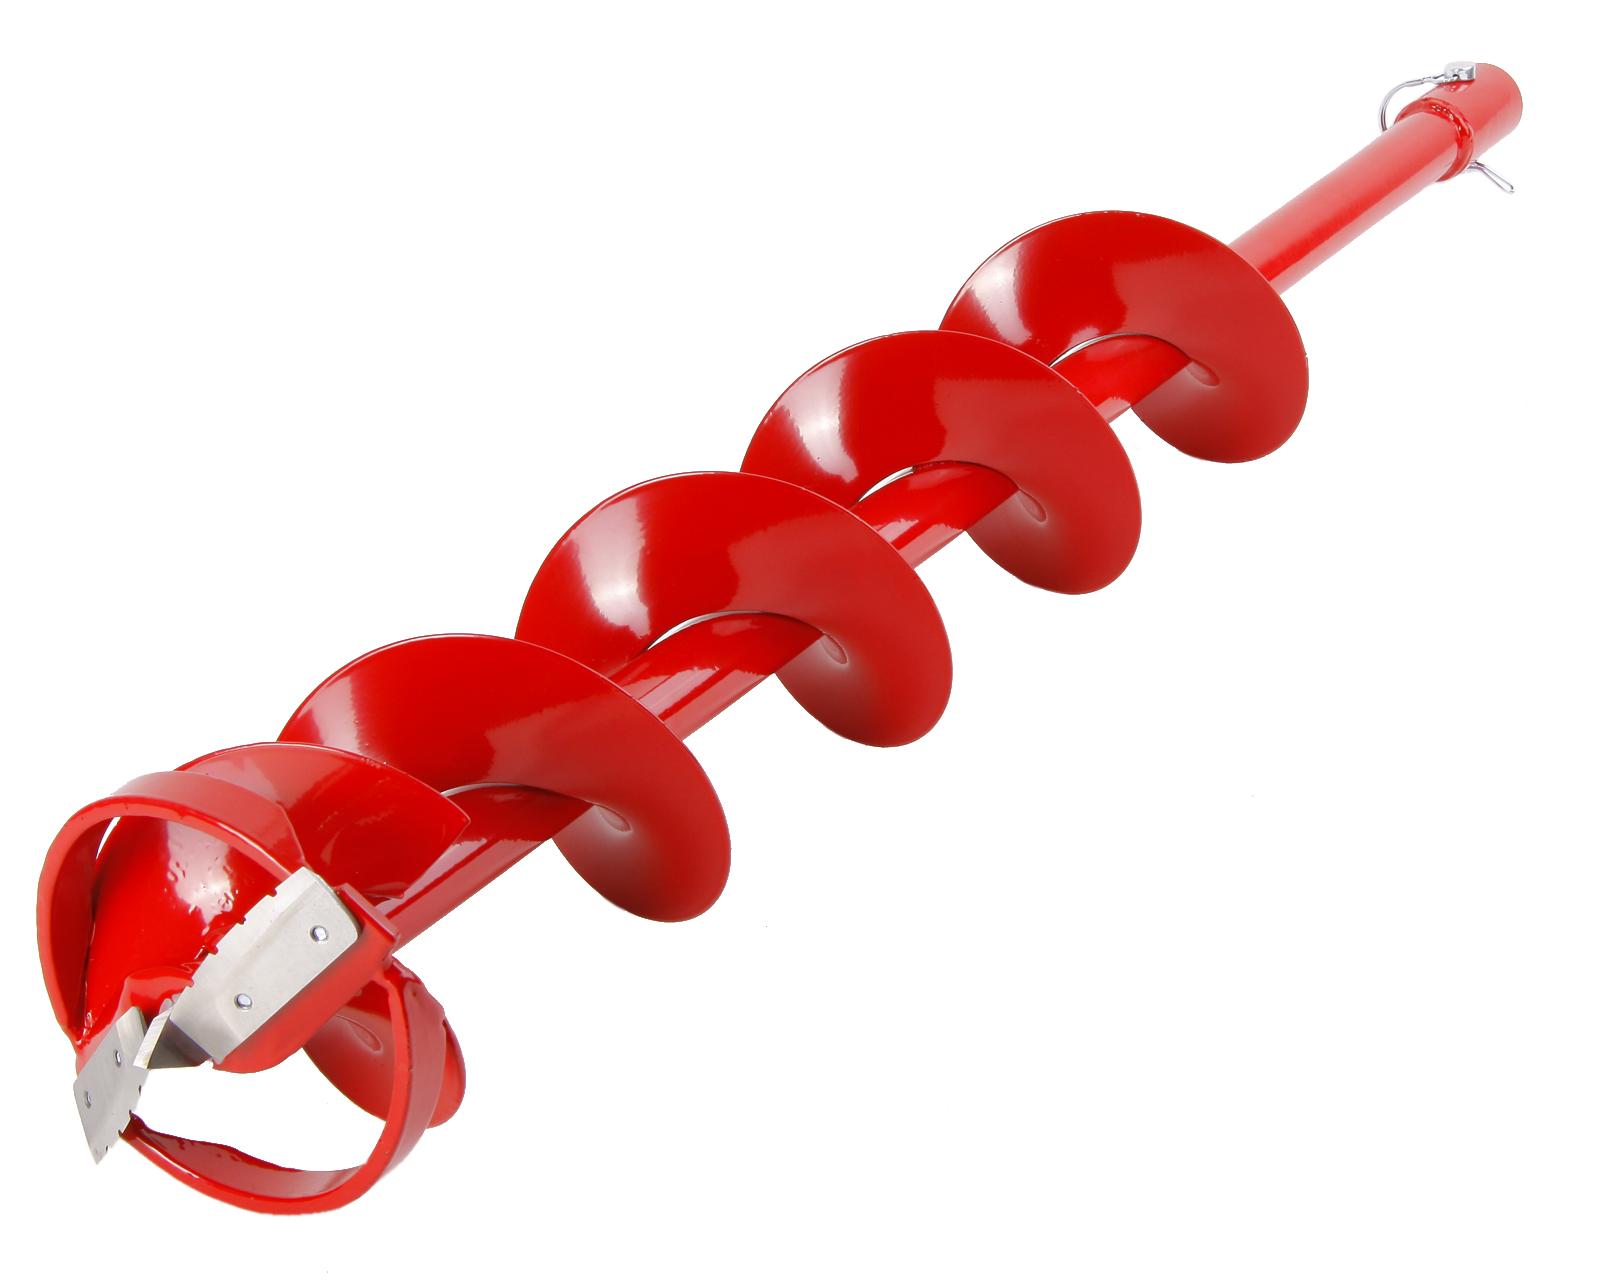 Шнек Hammer 210-900 для льда, 6'' (150мм) шнек hammer для грунта 6 150мм